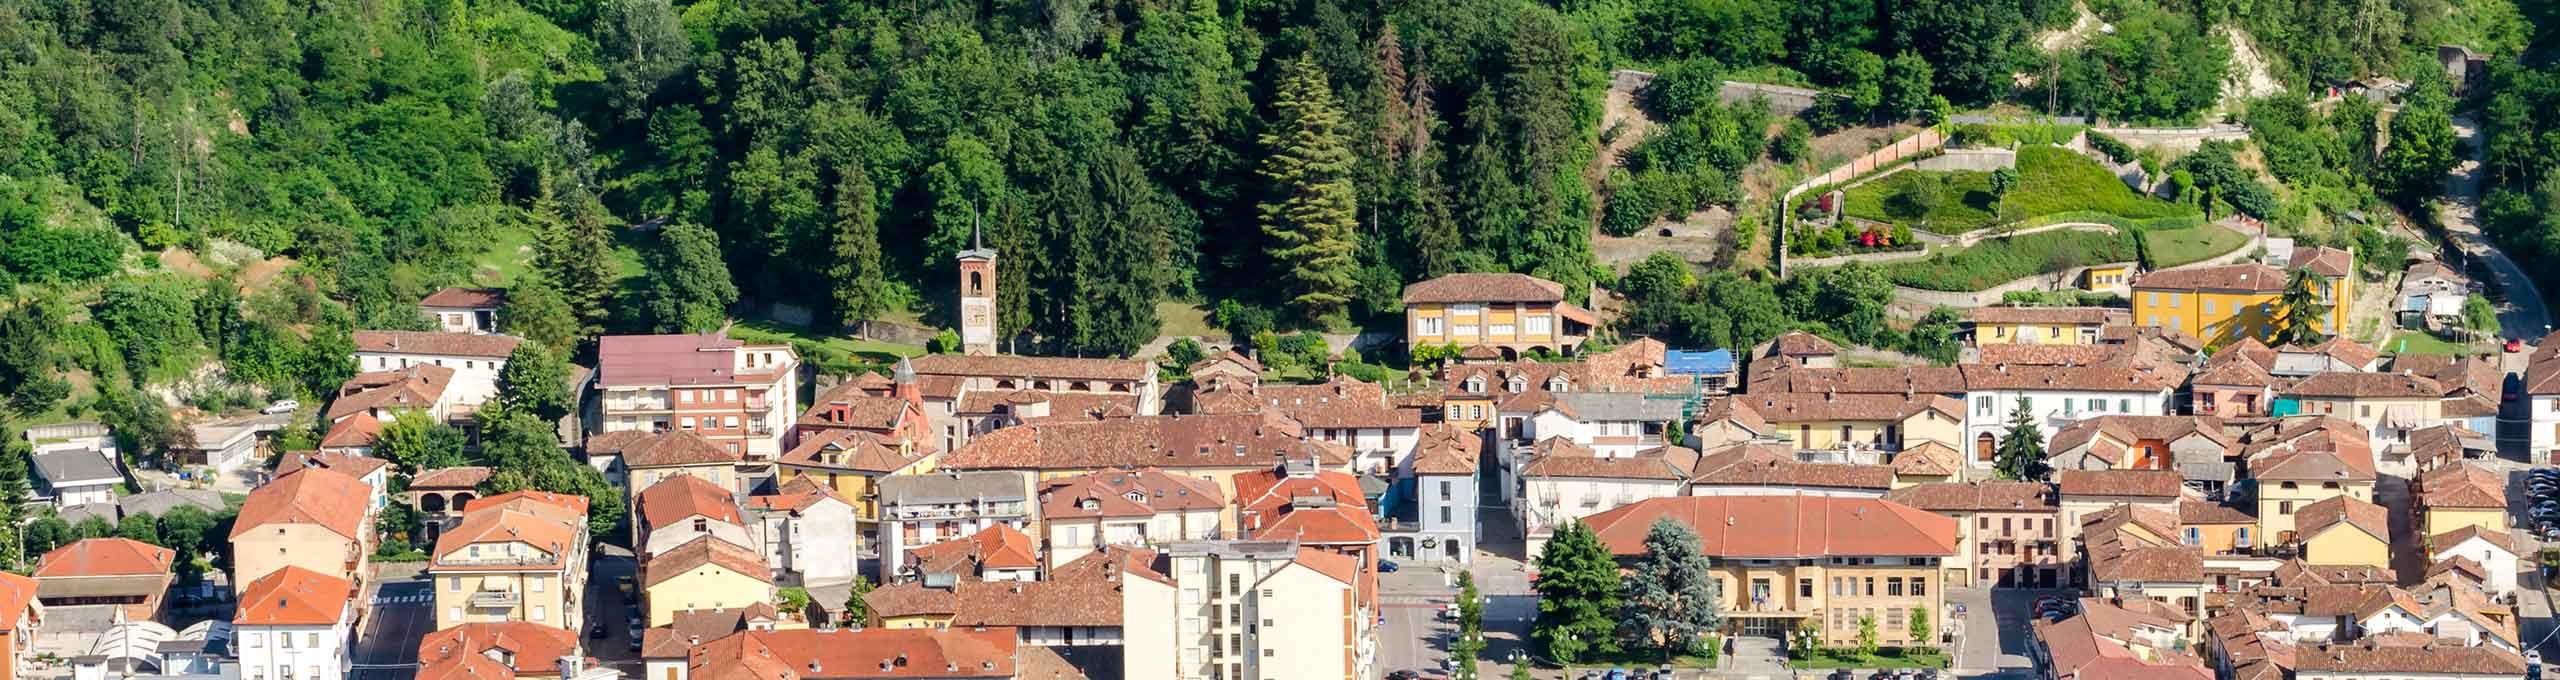 Santo Stefano Belbo, zona bassa delle Langhe